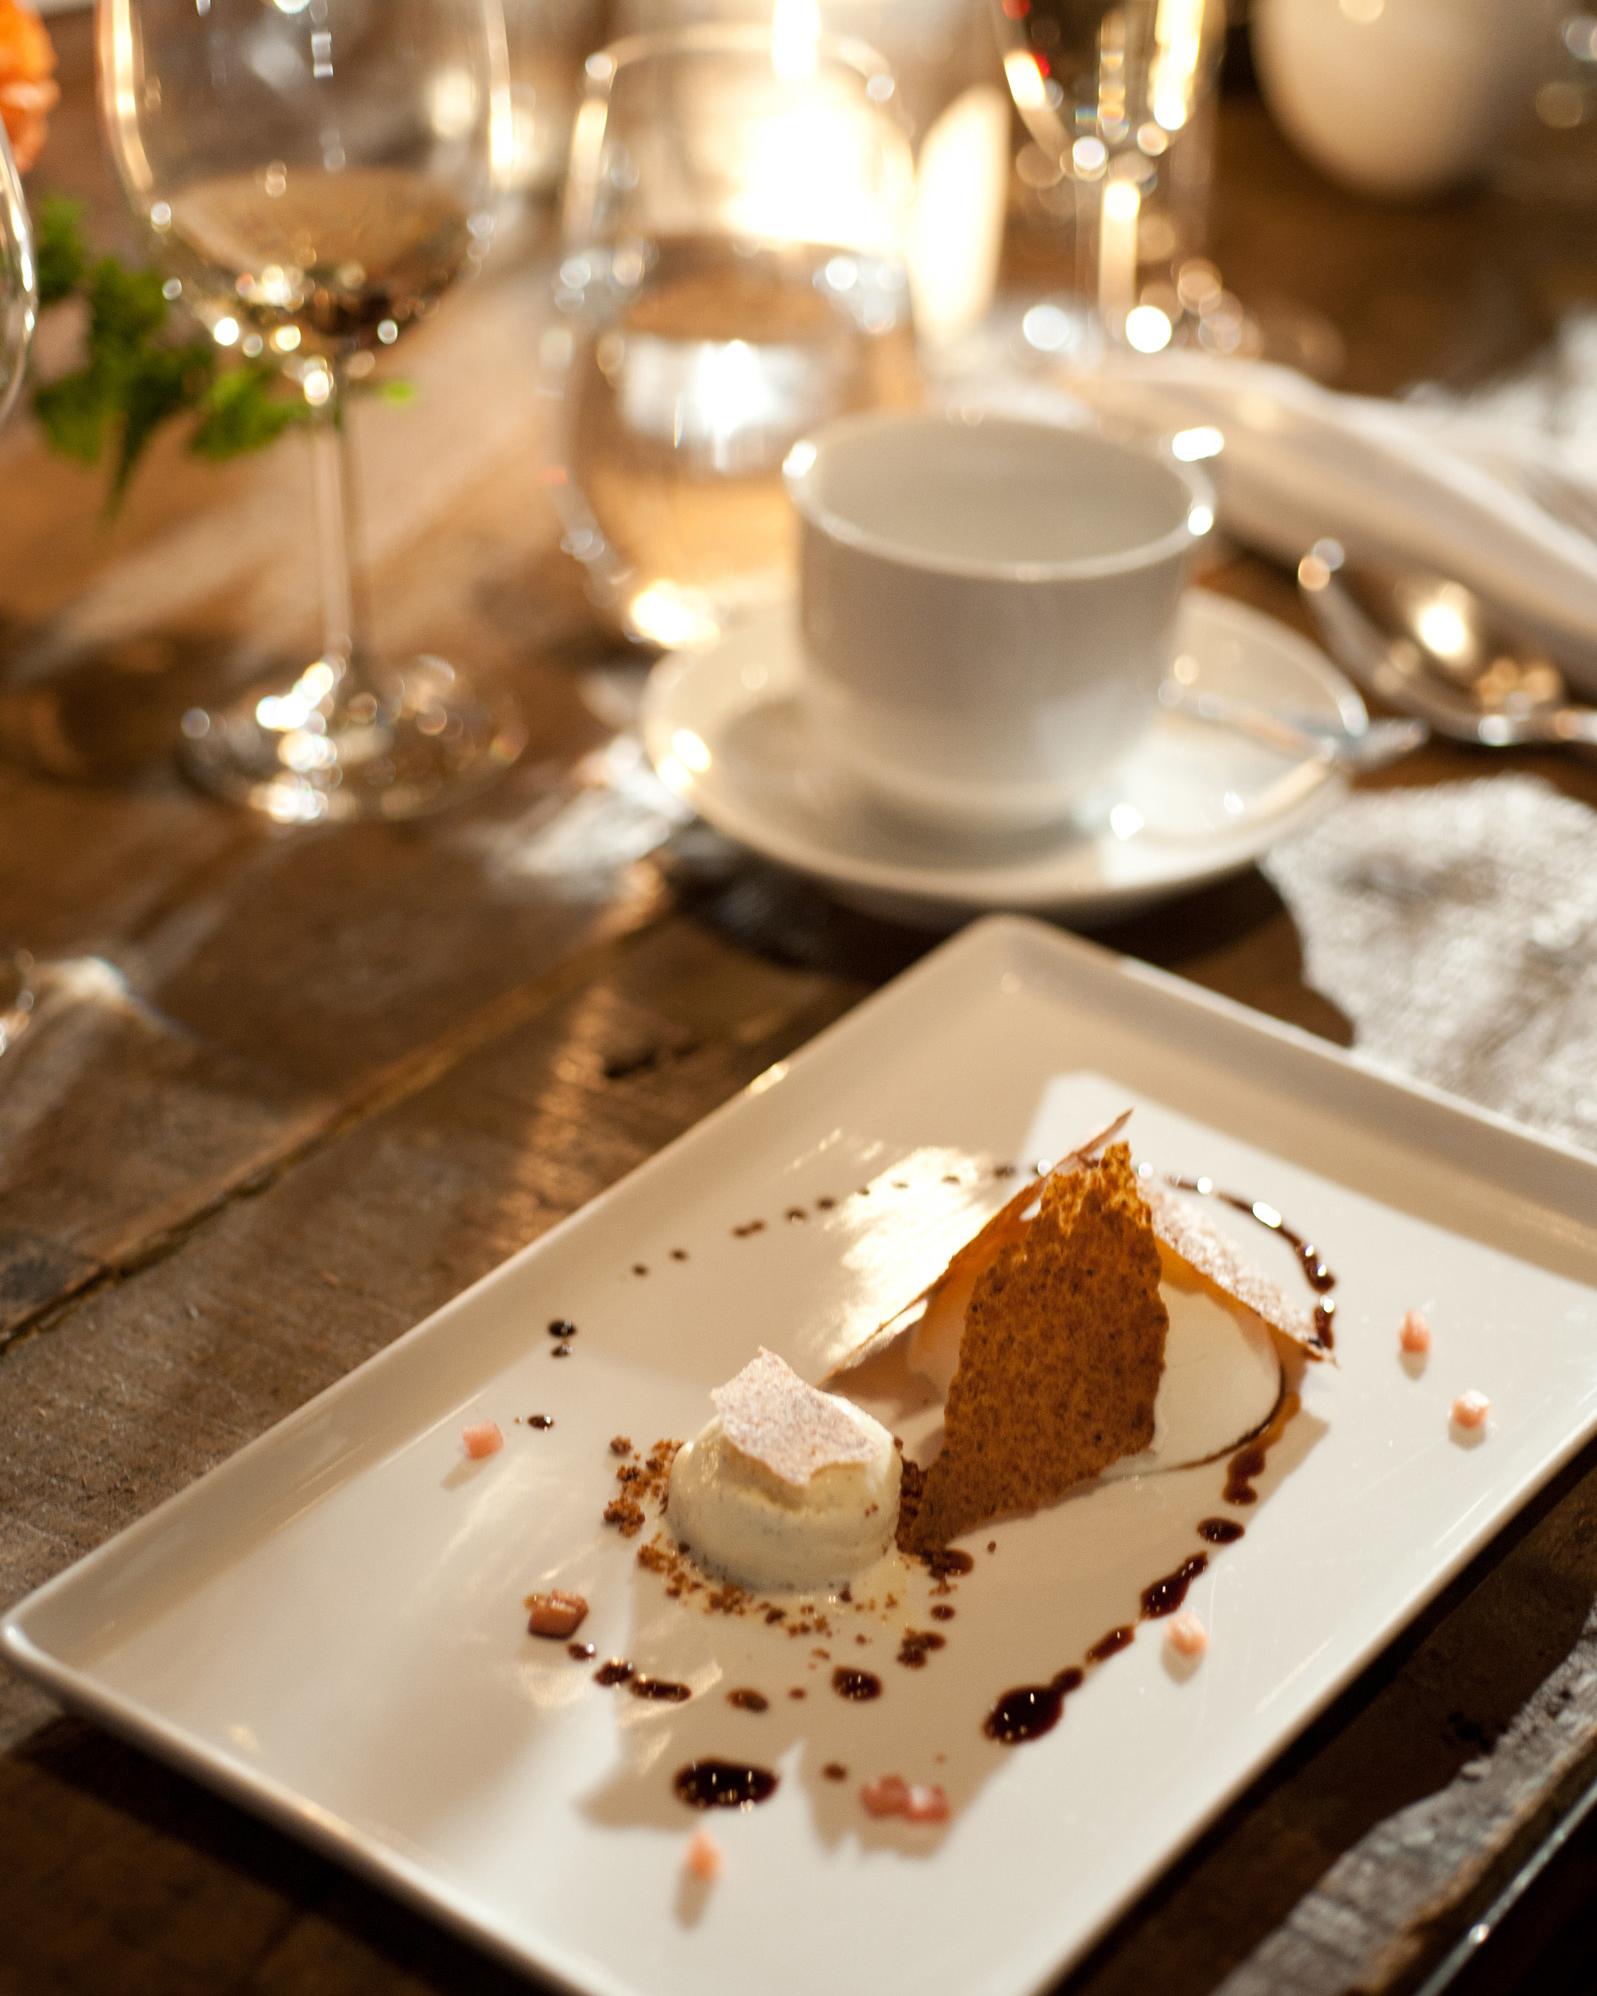 sydney-christina-wedding-dessert-110-s111743-0115.jpg